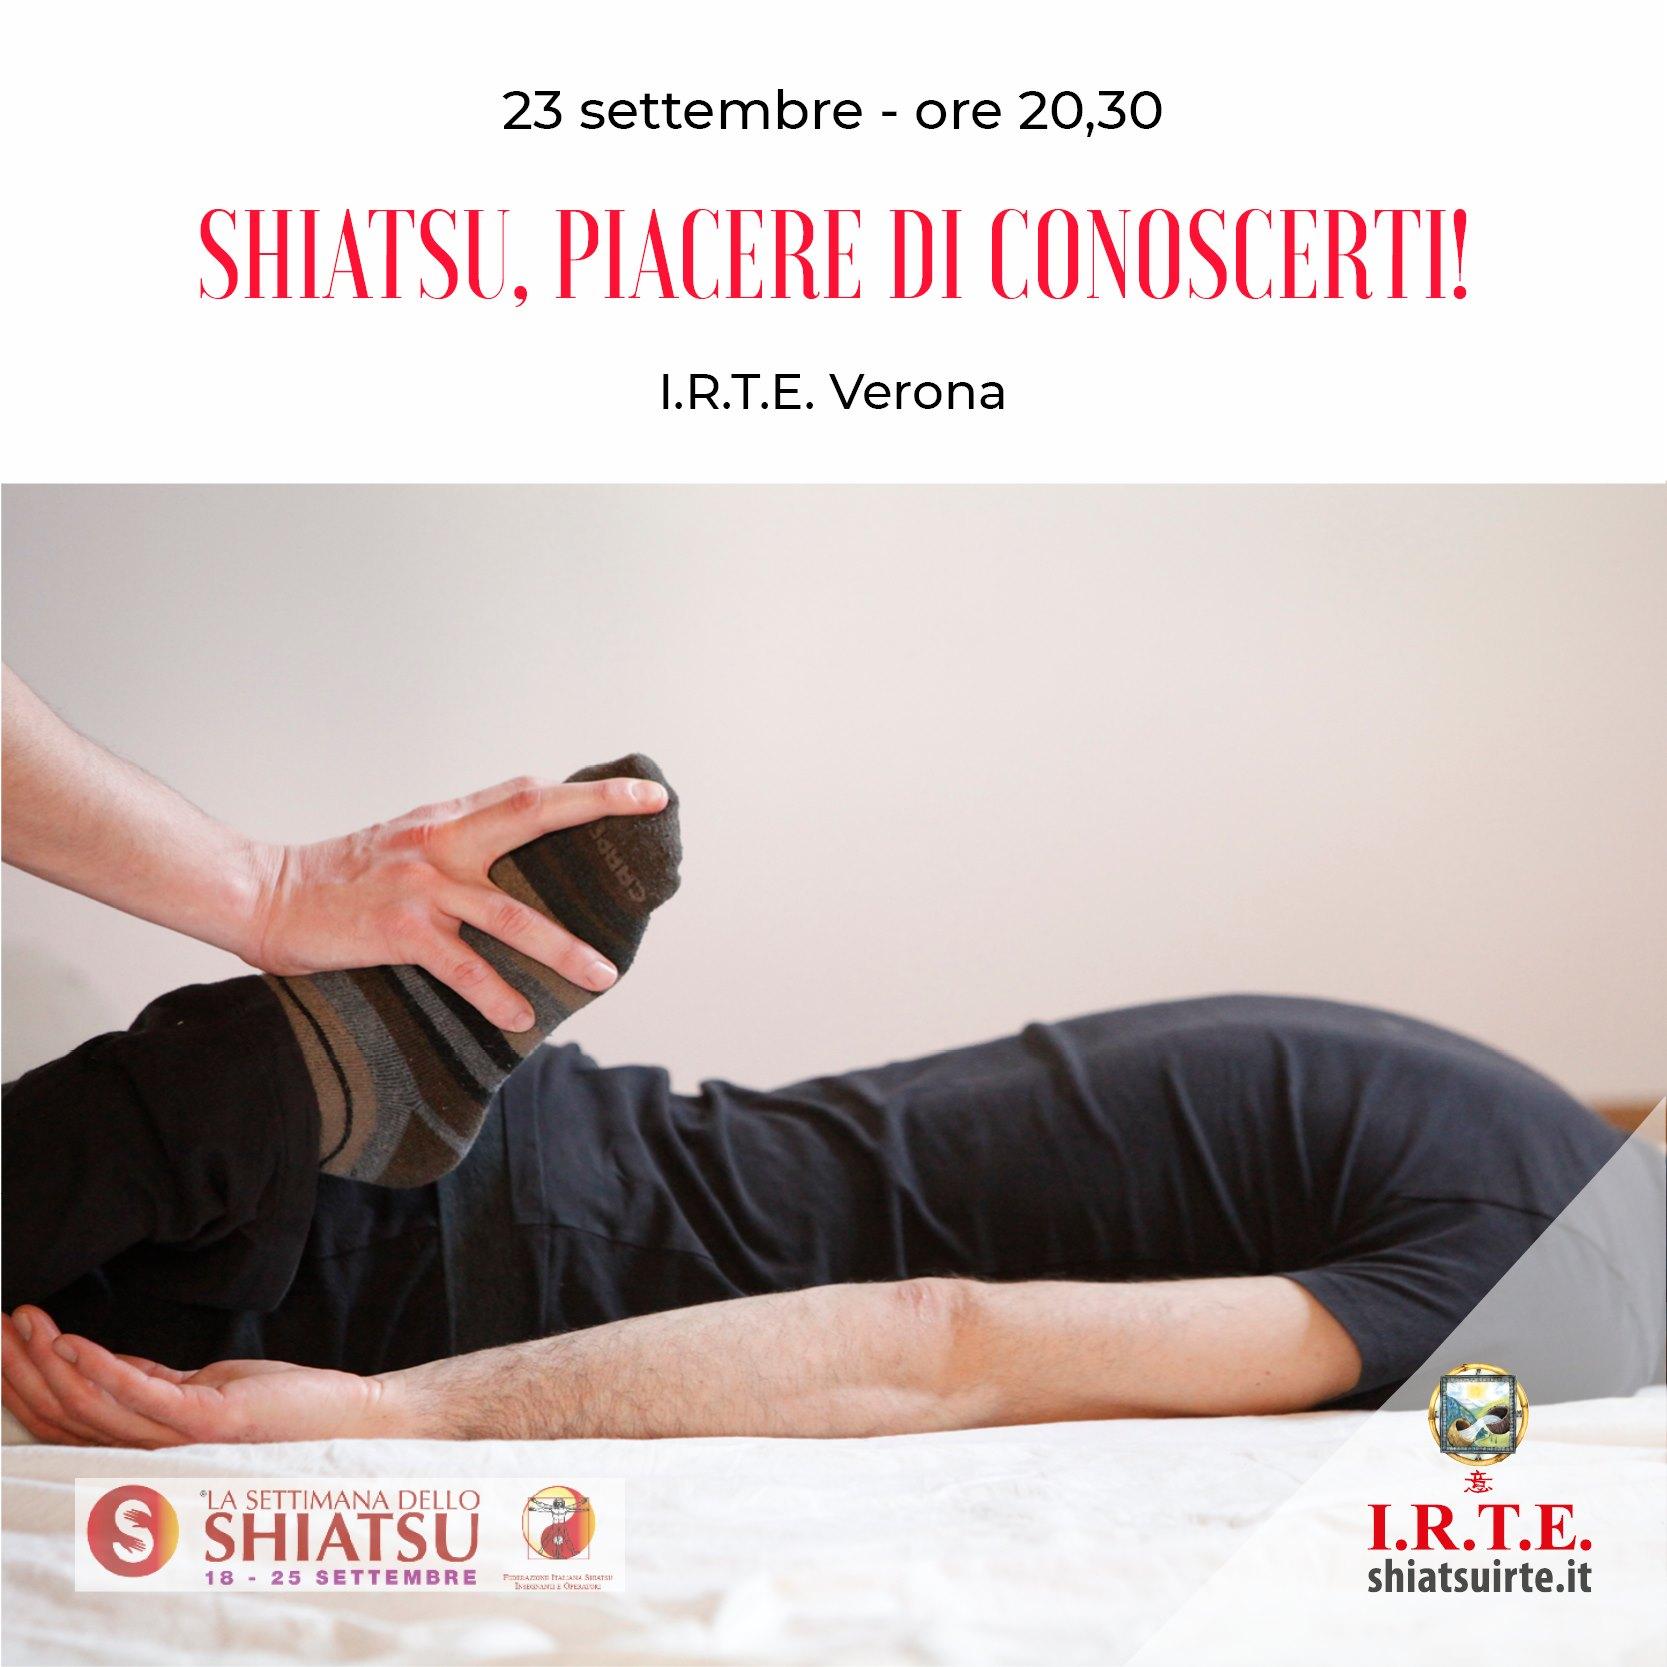 Verona 23 Settembre 2020    La settimana dello shiatsu